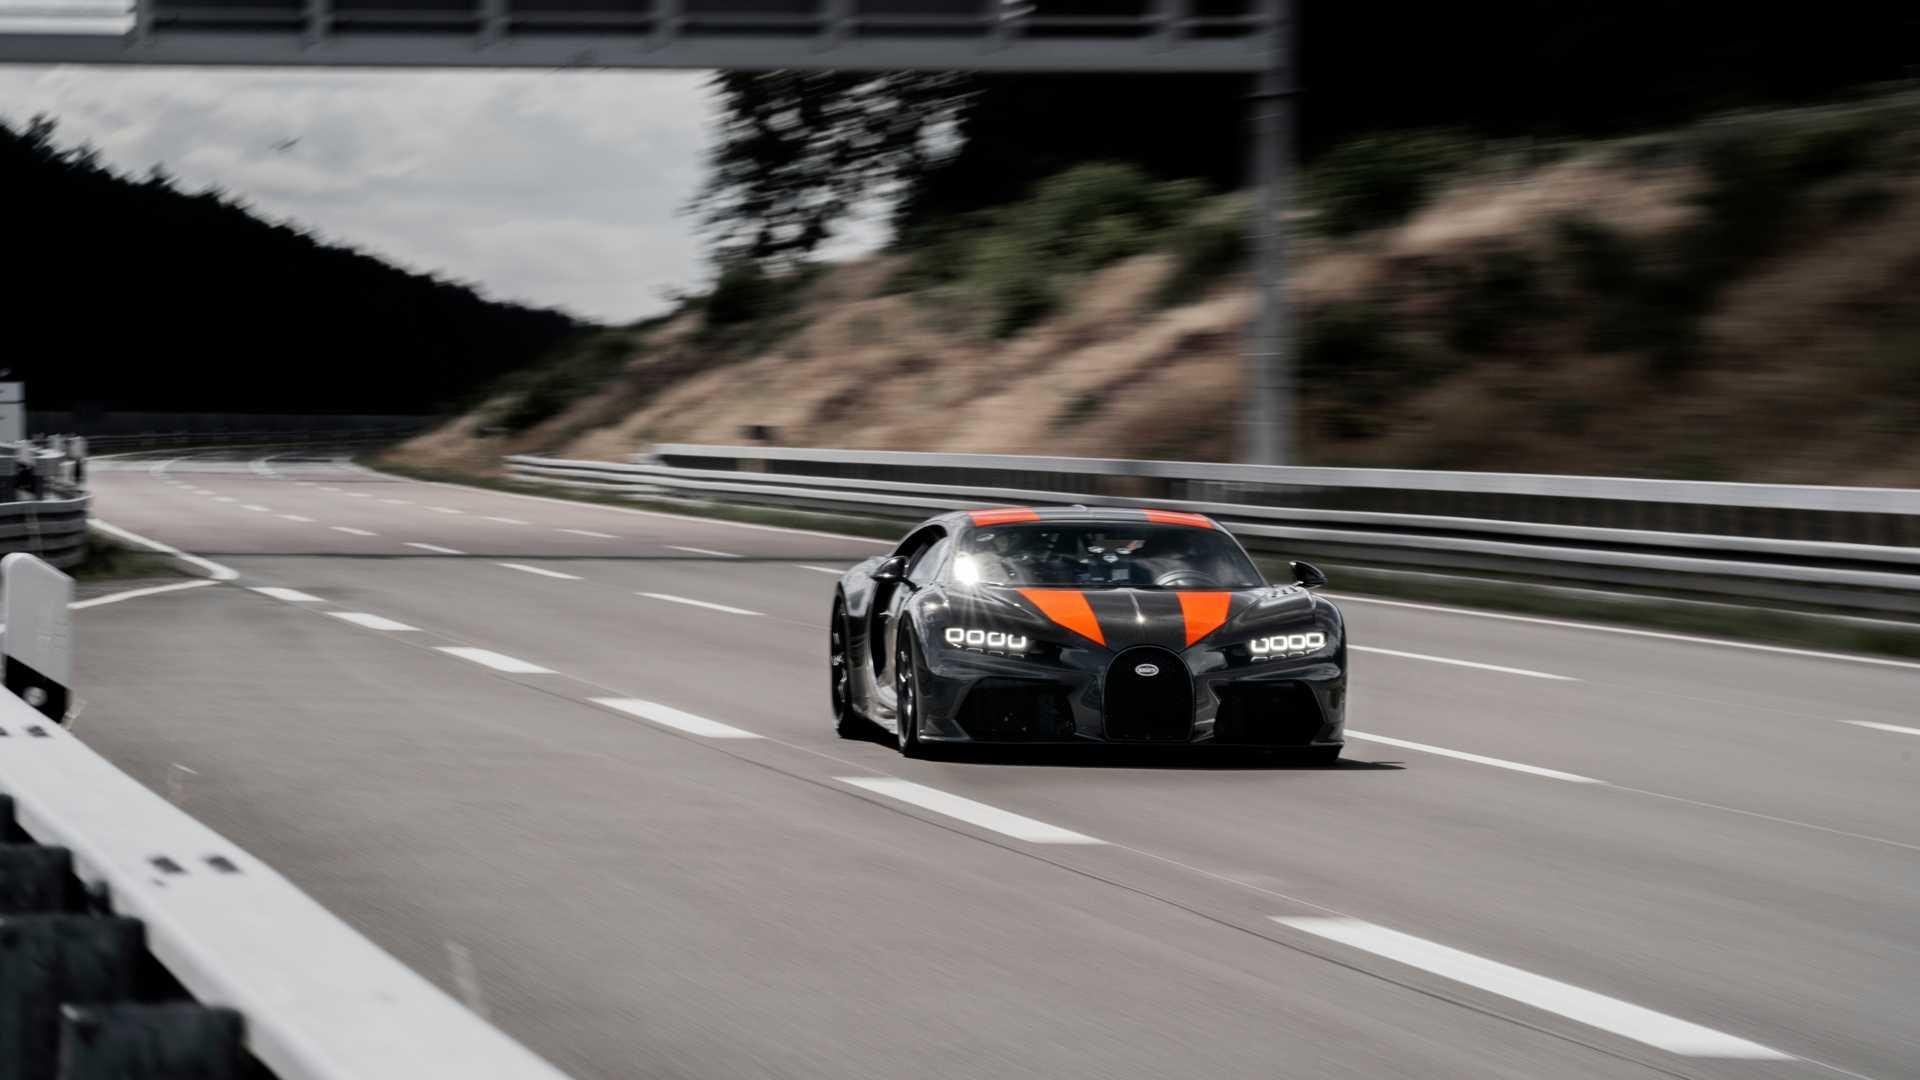 Bugatti-1 Bugatti trece de 300 mph! E noul record mondial! (video)